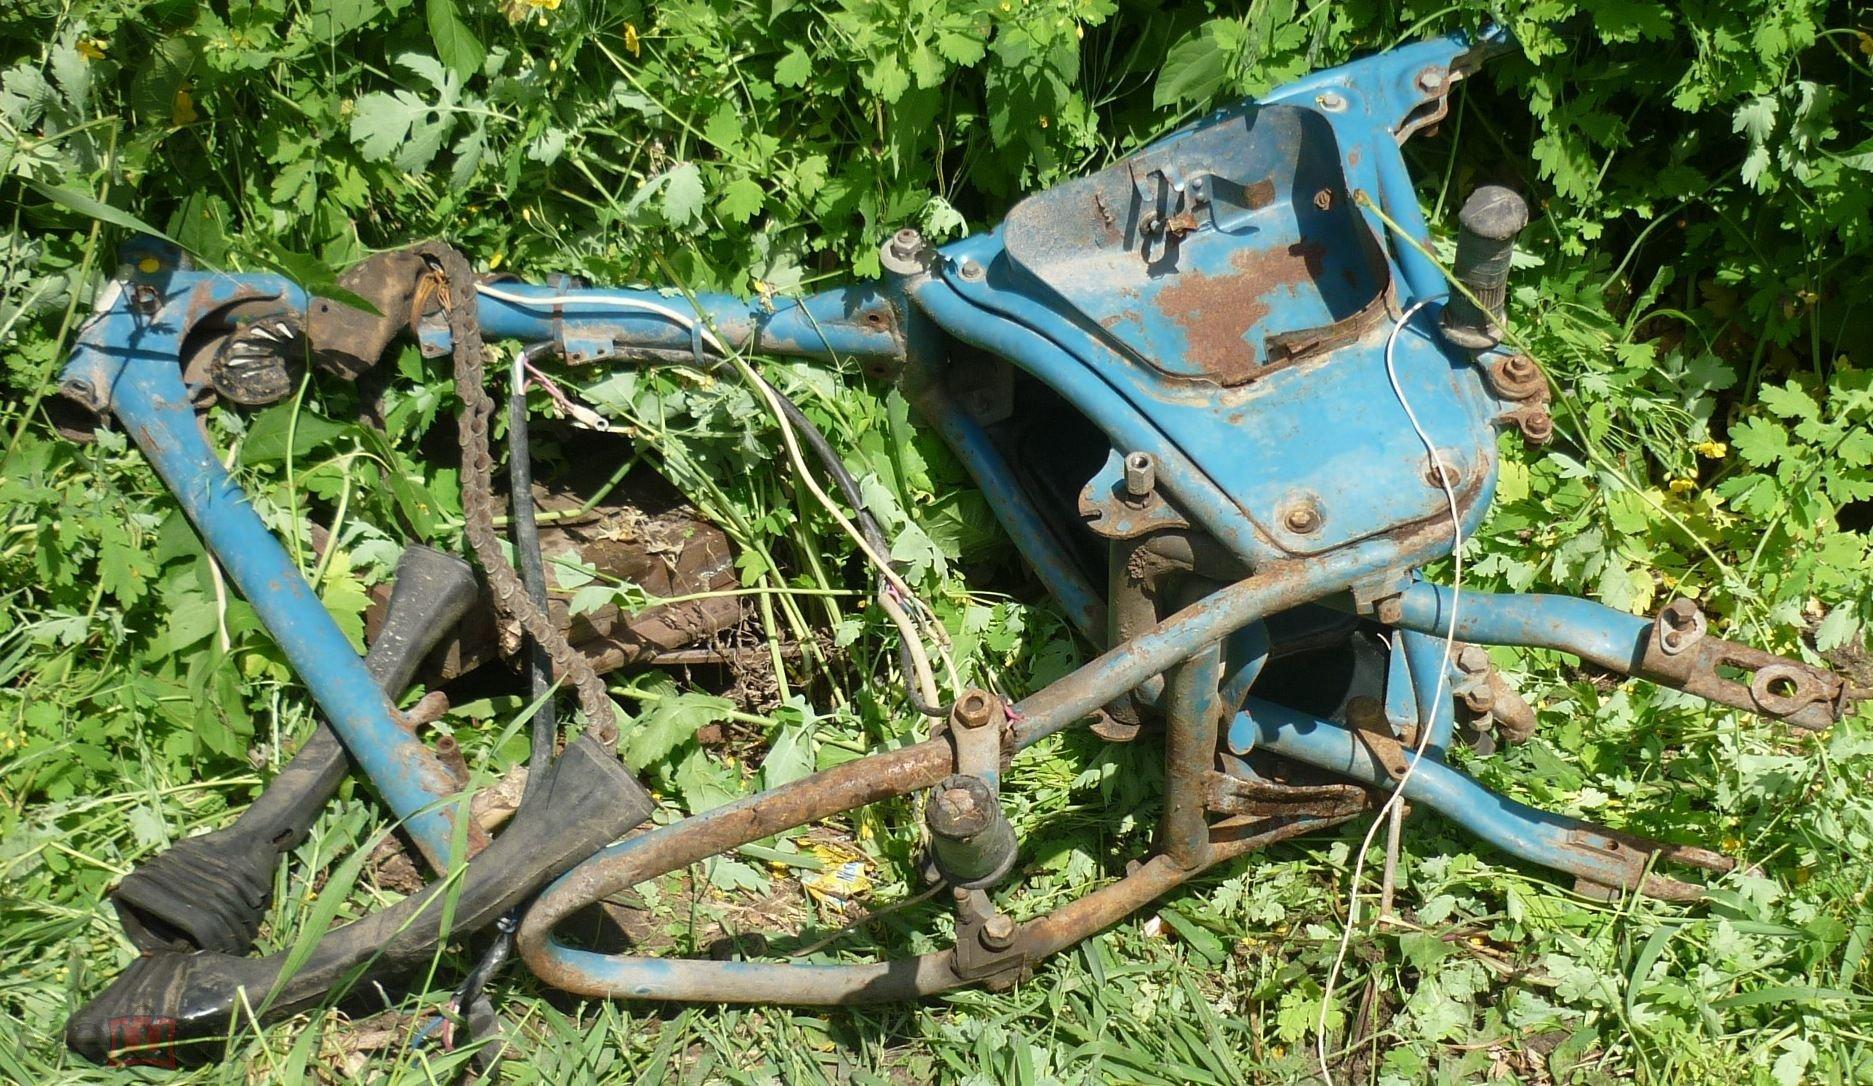 Рама от мотоцикла ИЖ Юпитер 3 СССР